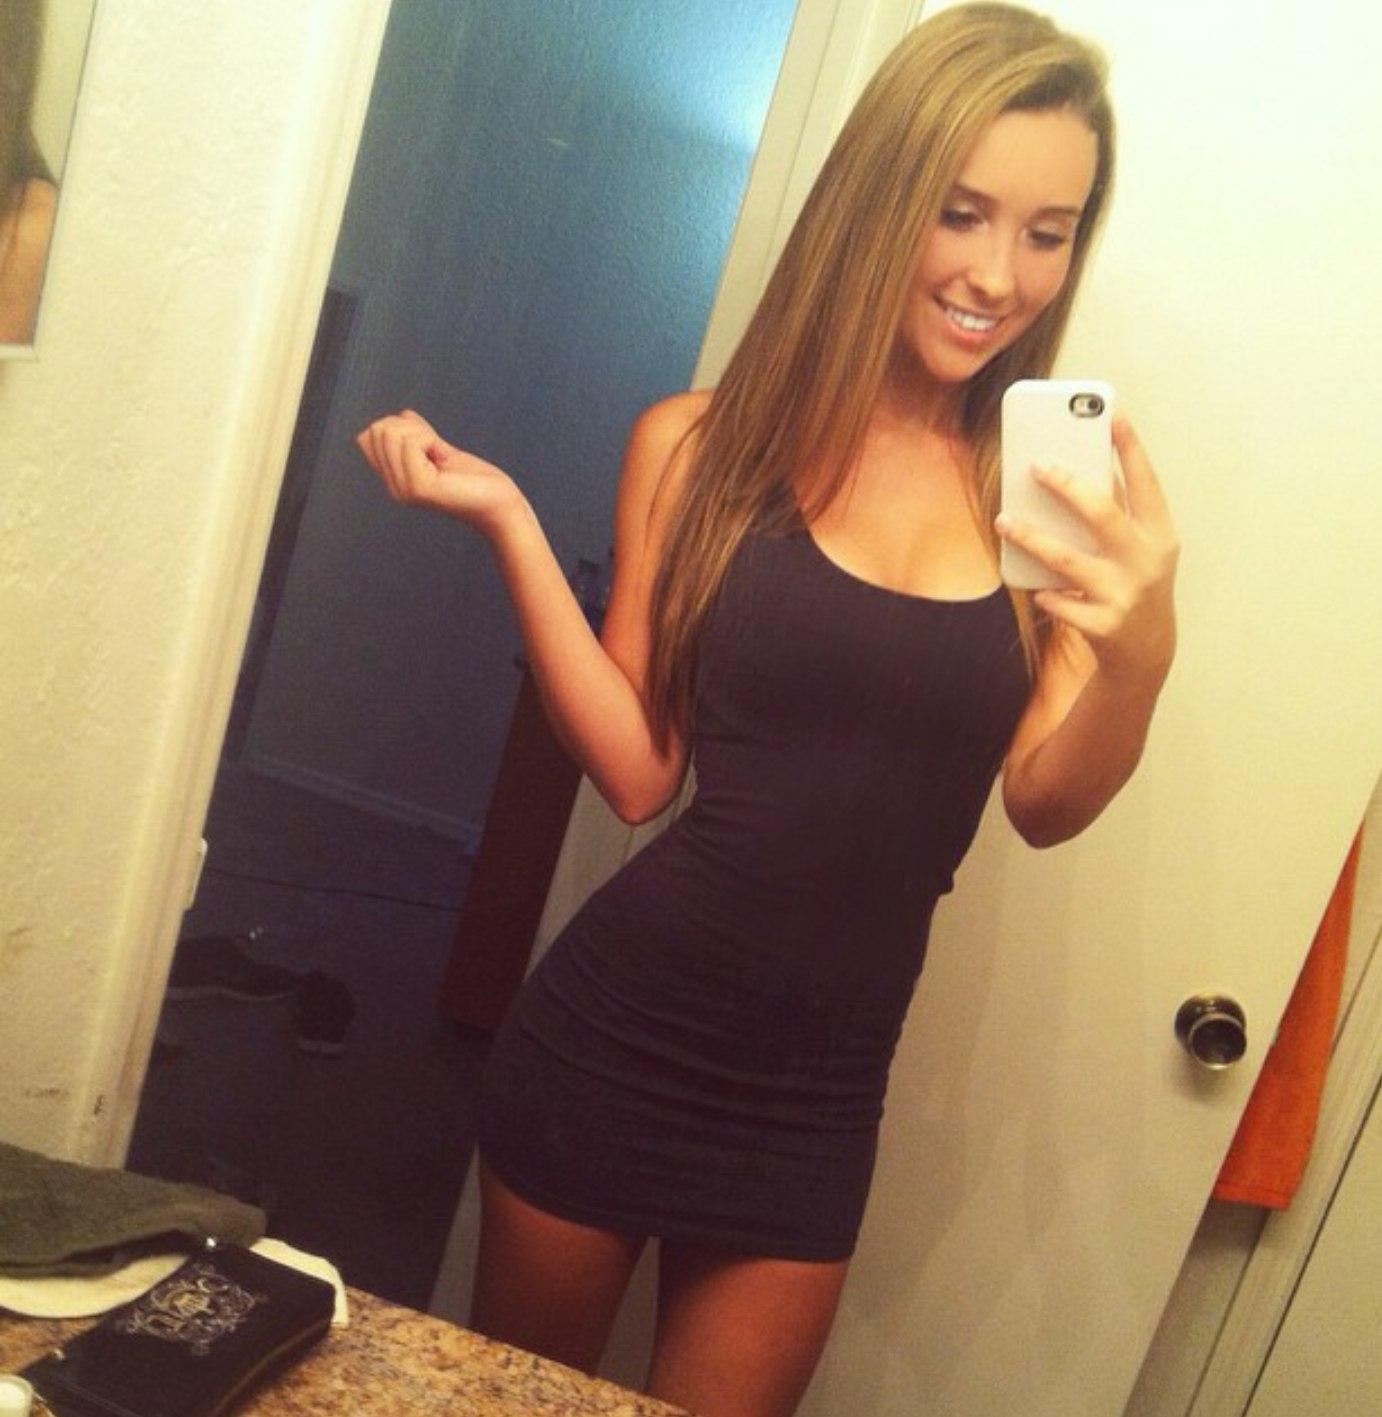 Сексуальные девушки (16 фото) - Ксения, 19 лет, Орел